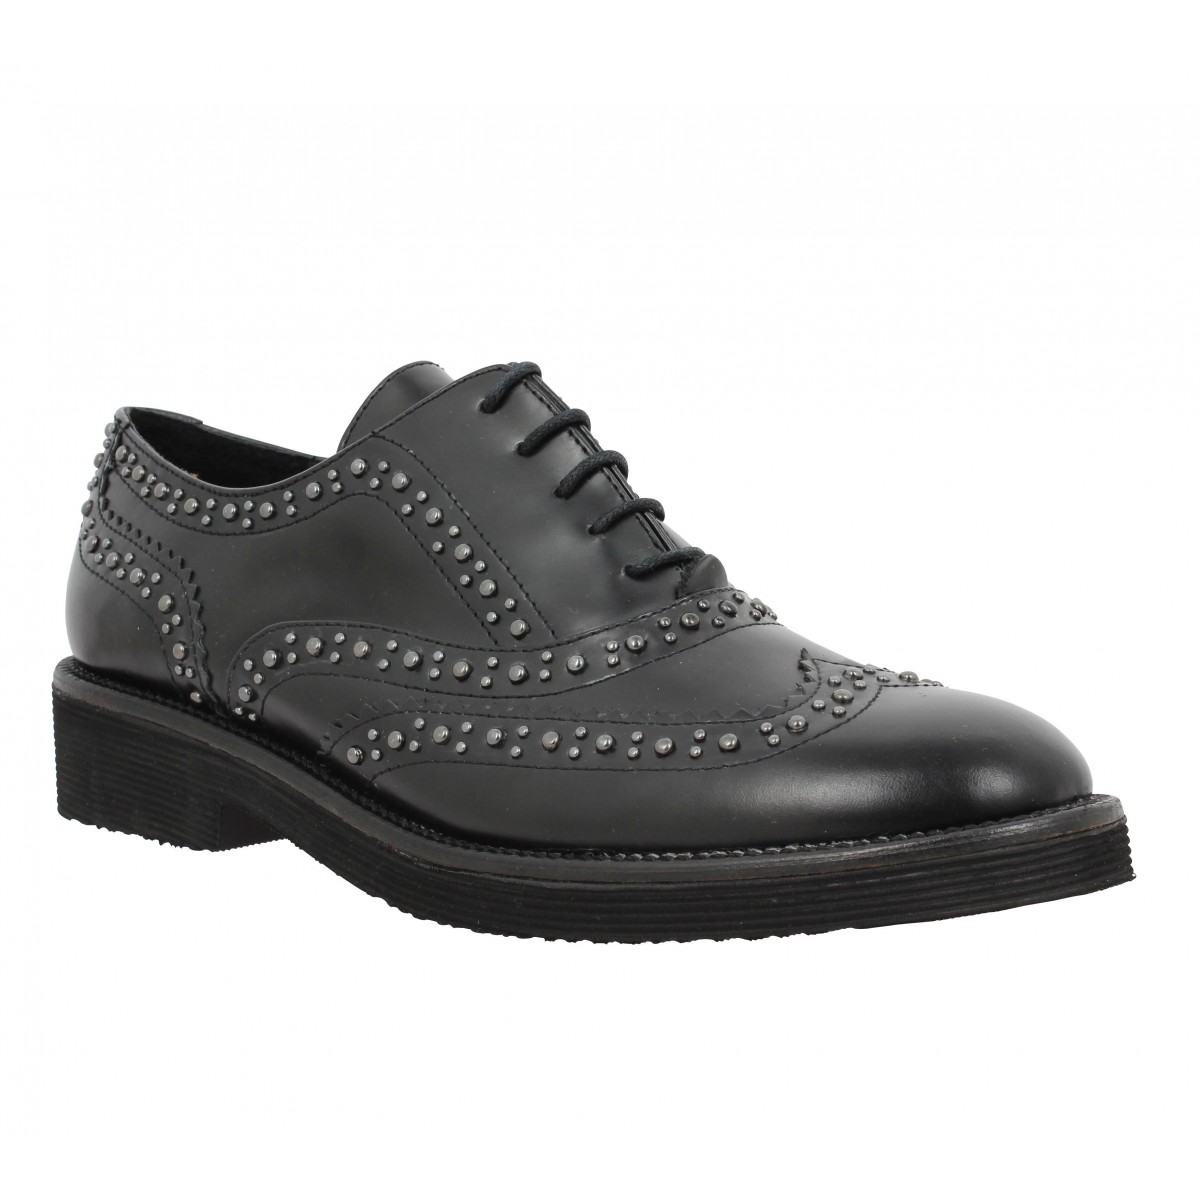 Chaussures à lacets B PRIVATE 0305 cuir Femme Noir